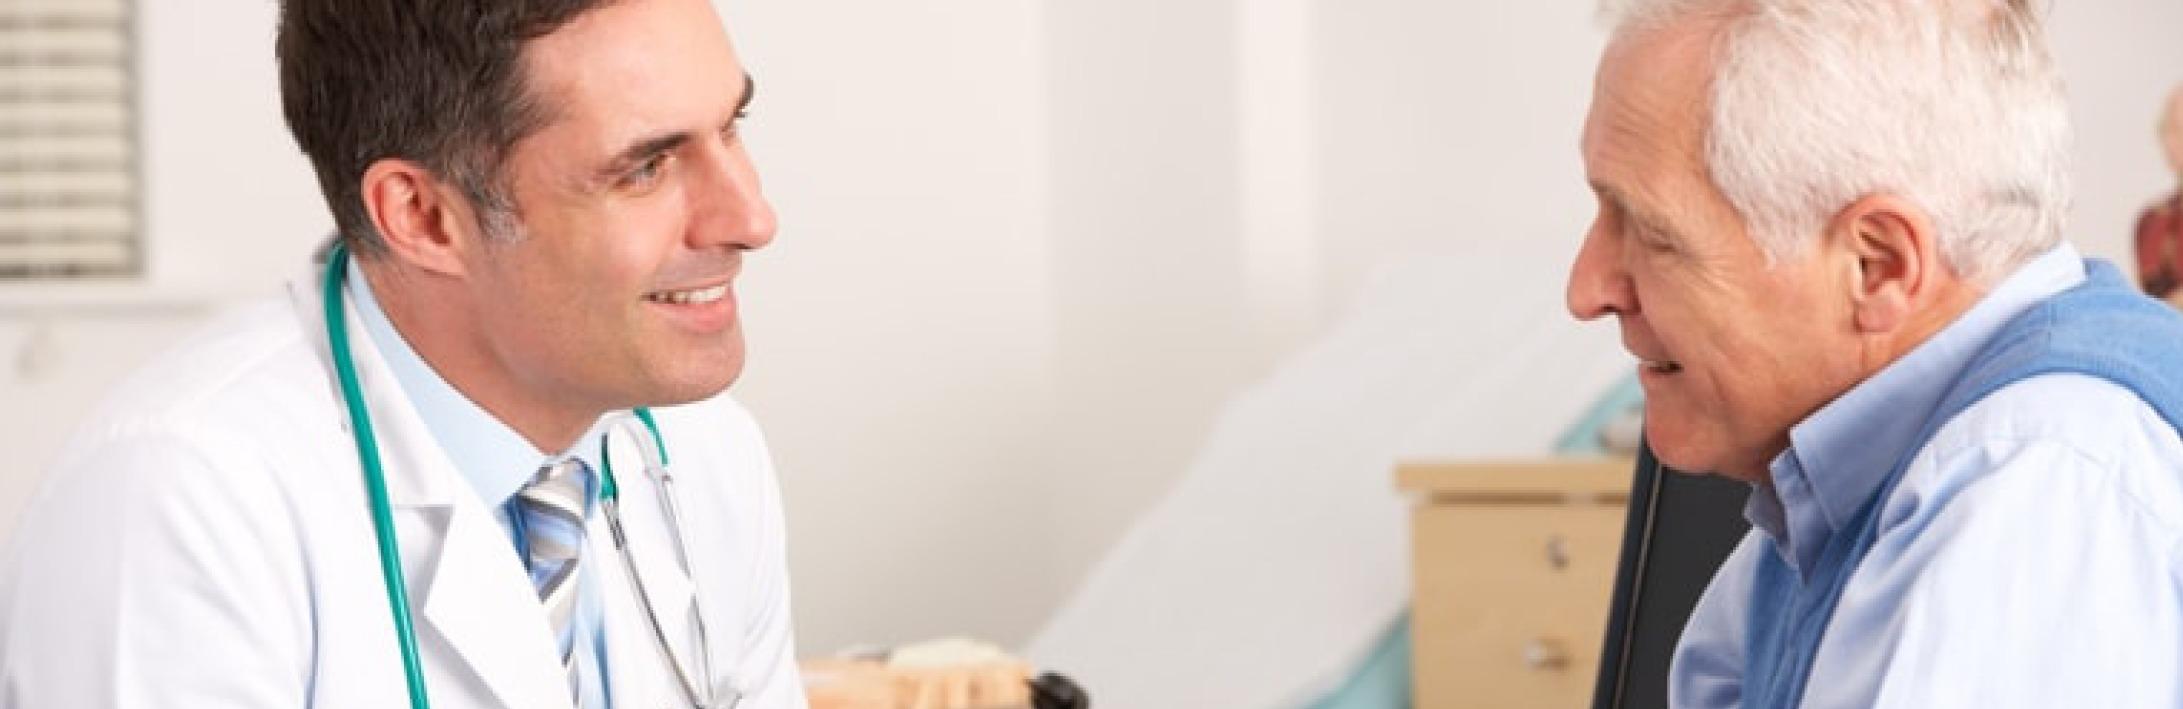 Existe um tempo ideal para consulta médica?